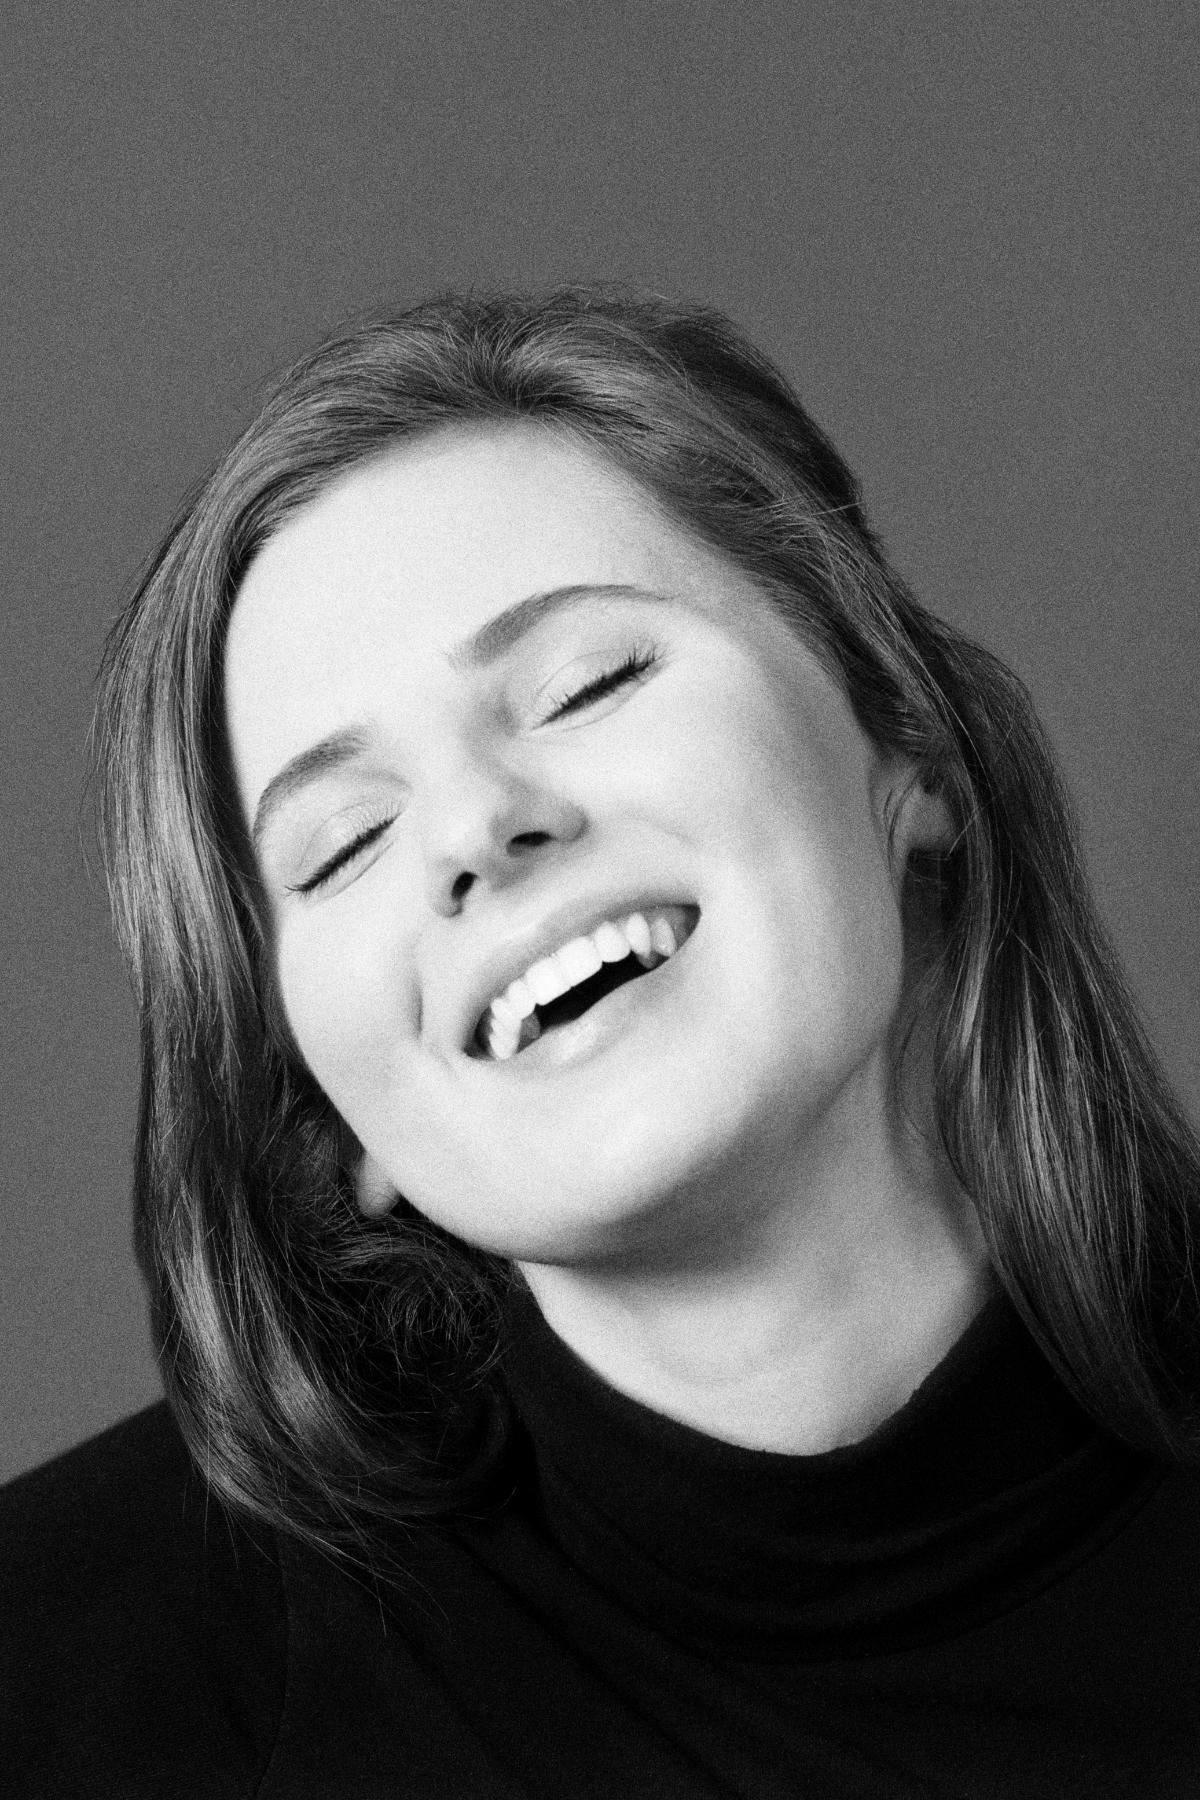 04 schauspielerin jennifer steinbach schauspieler portrait fotograf kuenstlerportrait - Fotograf X Schauspielerin